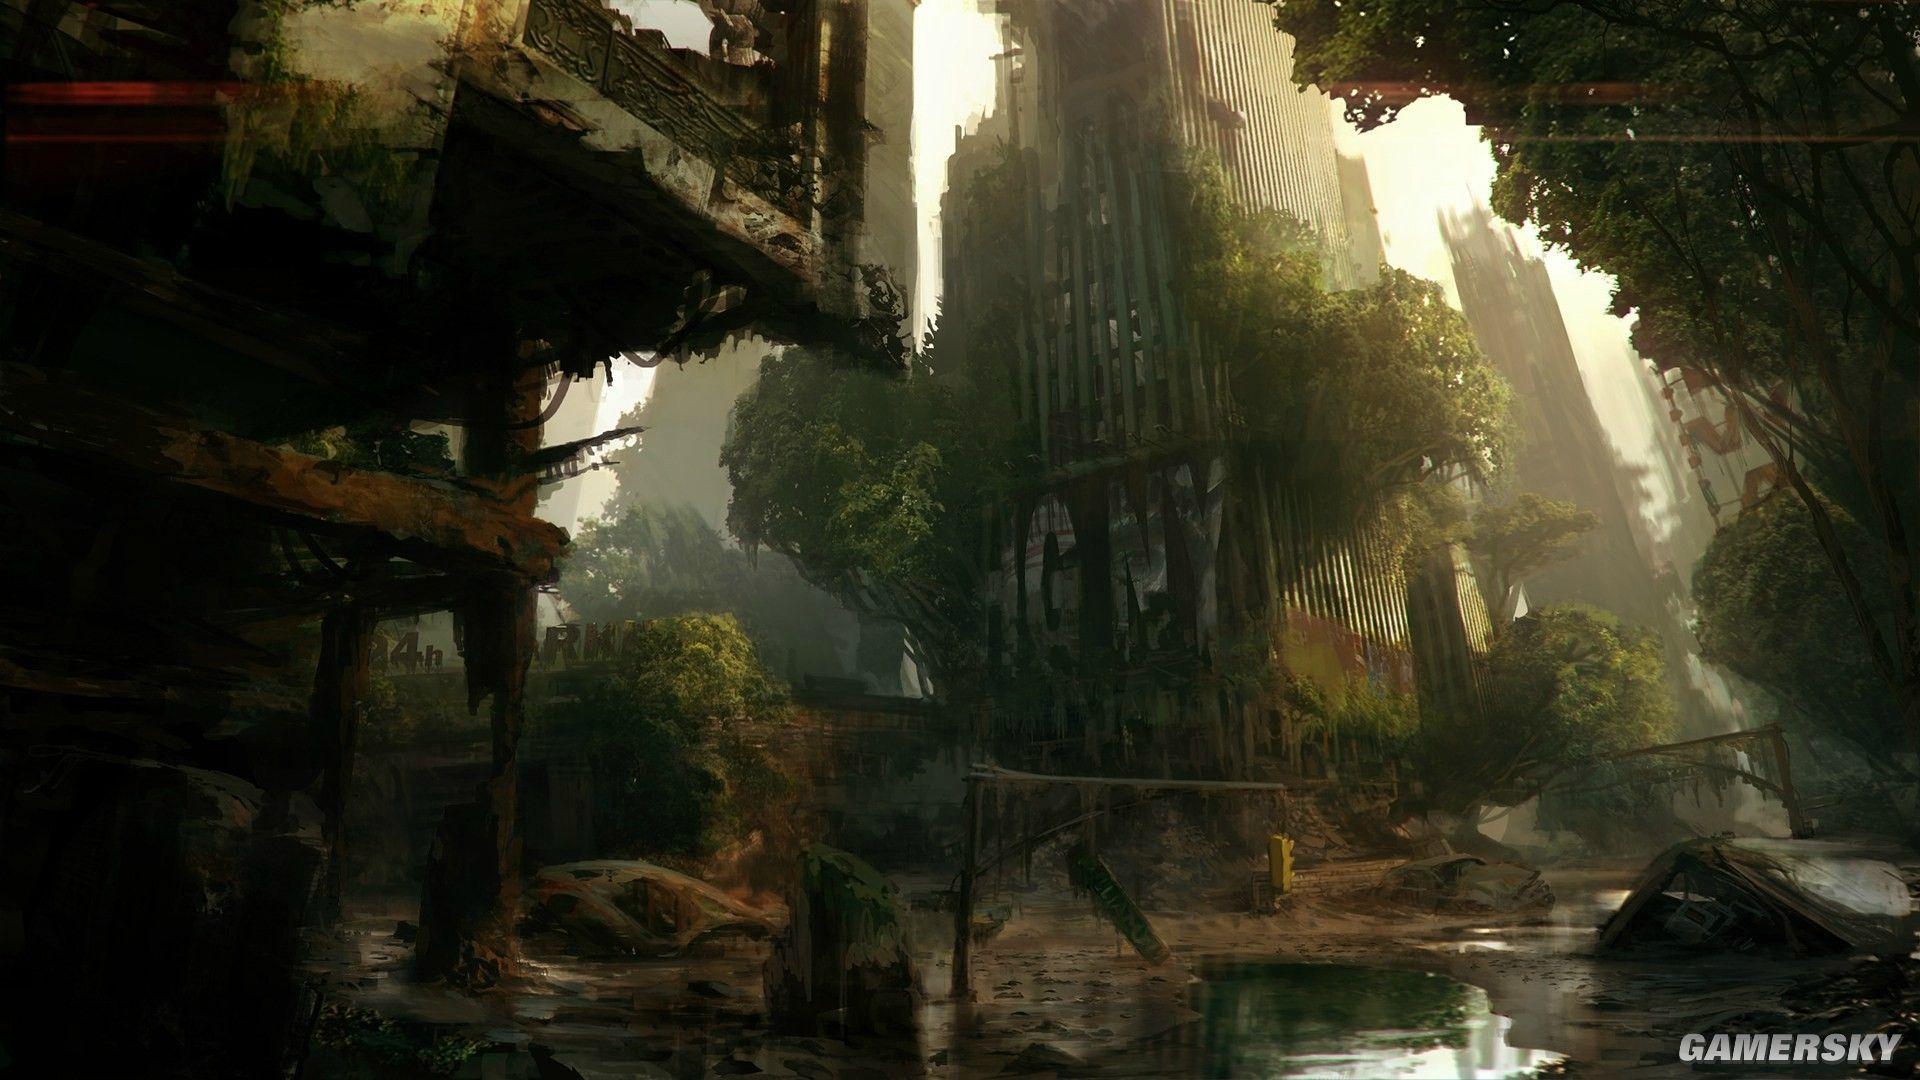 《孤岛危机3》将前往被外星人毁坏成森林废墟的